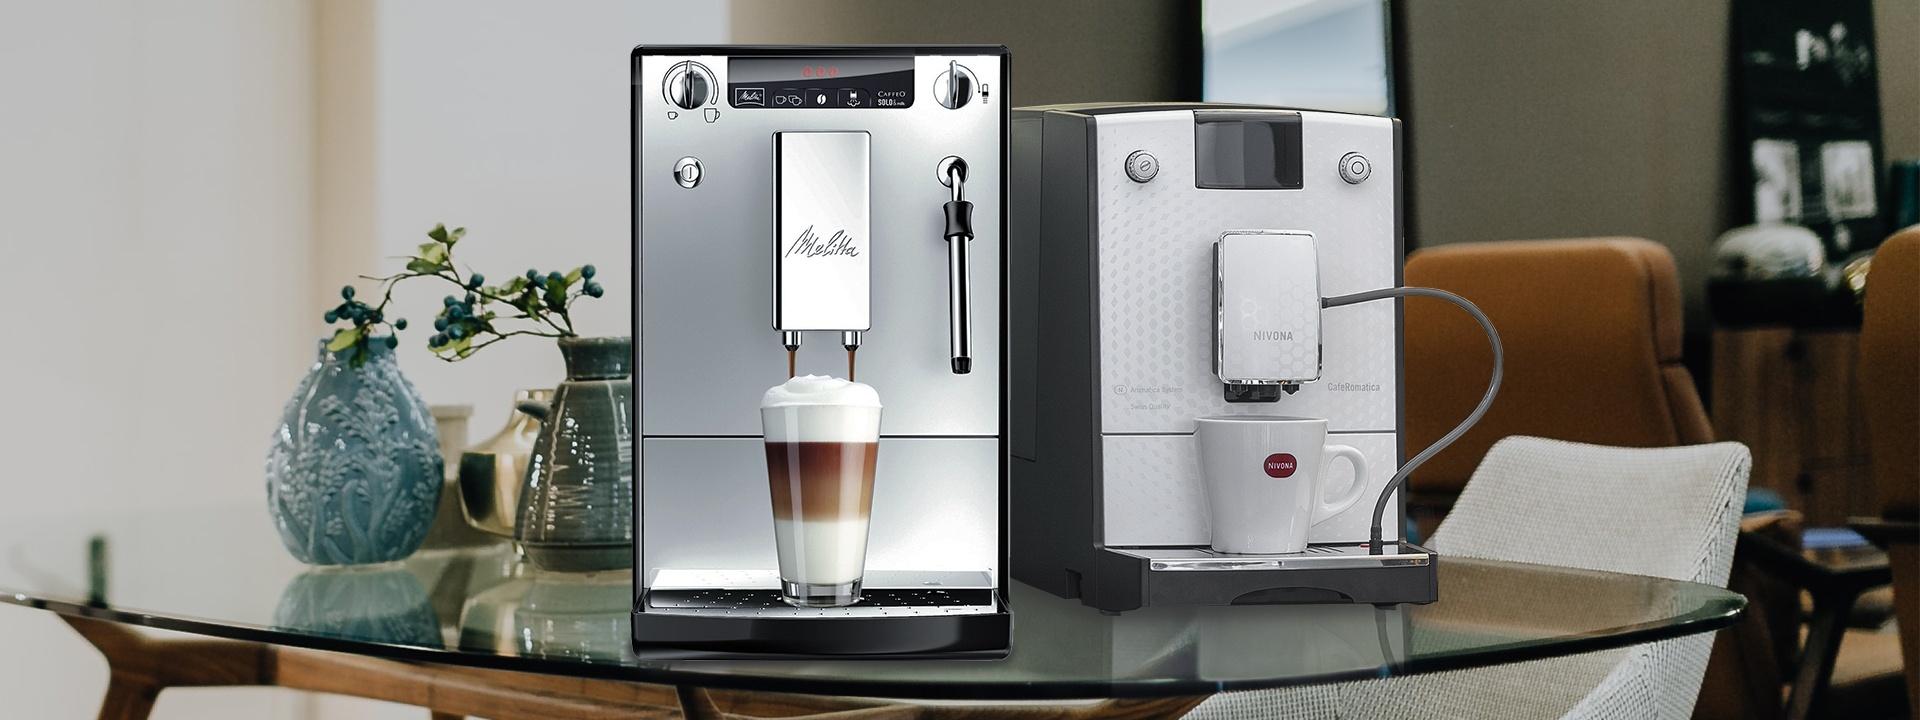 Jak wybrać ekspres do kawy do domu? Część 2